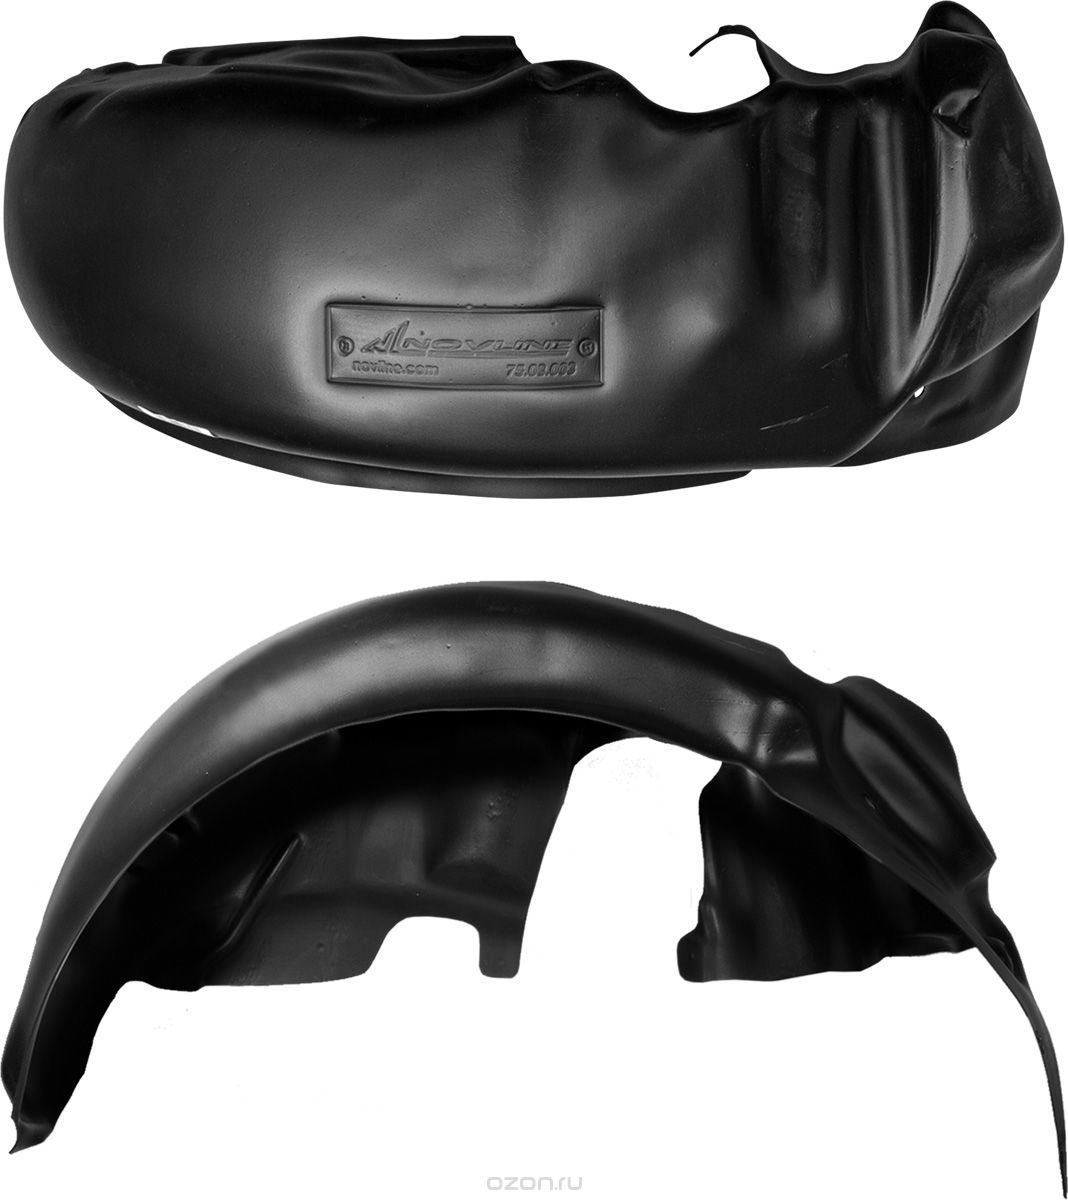 Подкрылок Novline-Autofamily, для MAZDA CX-9 2007-2012, 2012->, передний левыйSATURN CANCARDИдеальная защита колесной ниши. Локеры разработаны с применением цифровых технологий, гарантируют максимальную повторяемость поверхности арки. Изделия устанавливаются без нарушения лакокрасочного покрытия автомобиля, каждый подкрылок комплектуется крепежом. Уважаемые клиенты, обращаем ваше внимание, что фотографии на подкрылки универсальные и не отражают реальную форму изделия. При этом само изделие идет точно под размер указанного автомобиля.